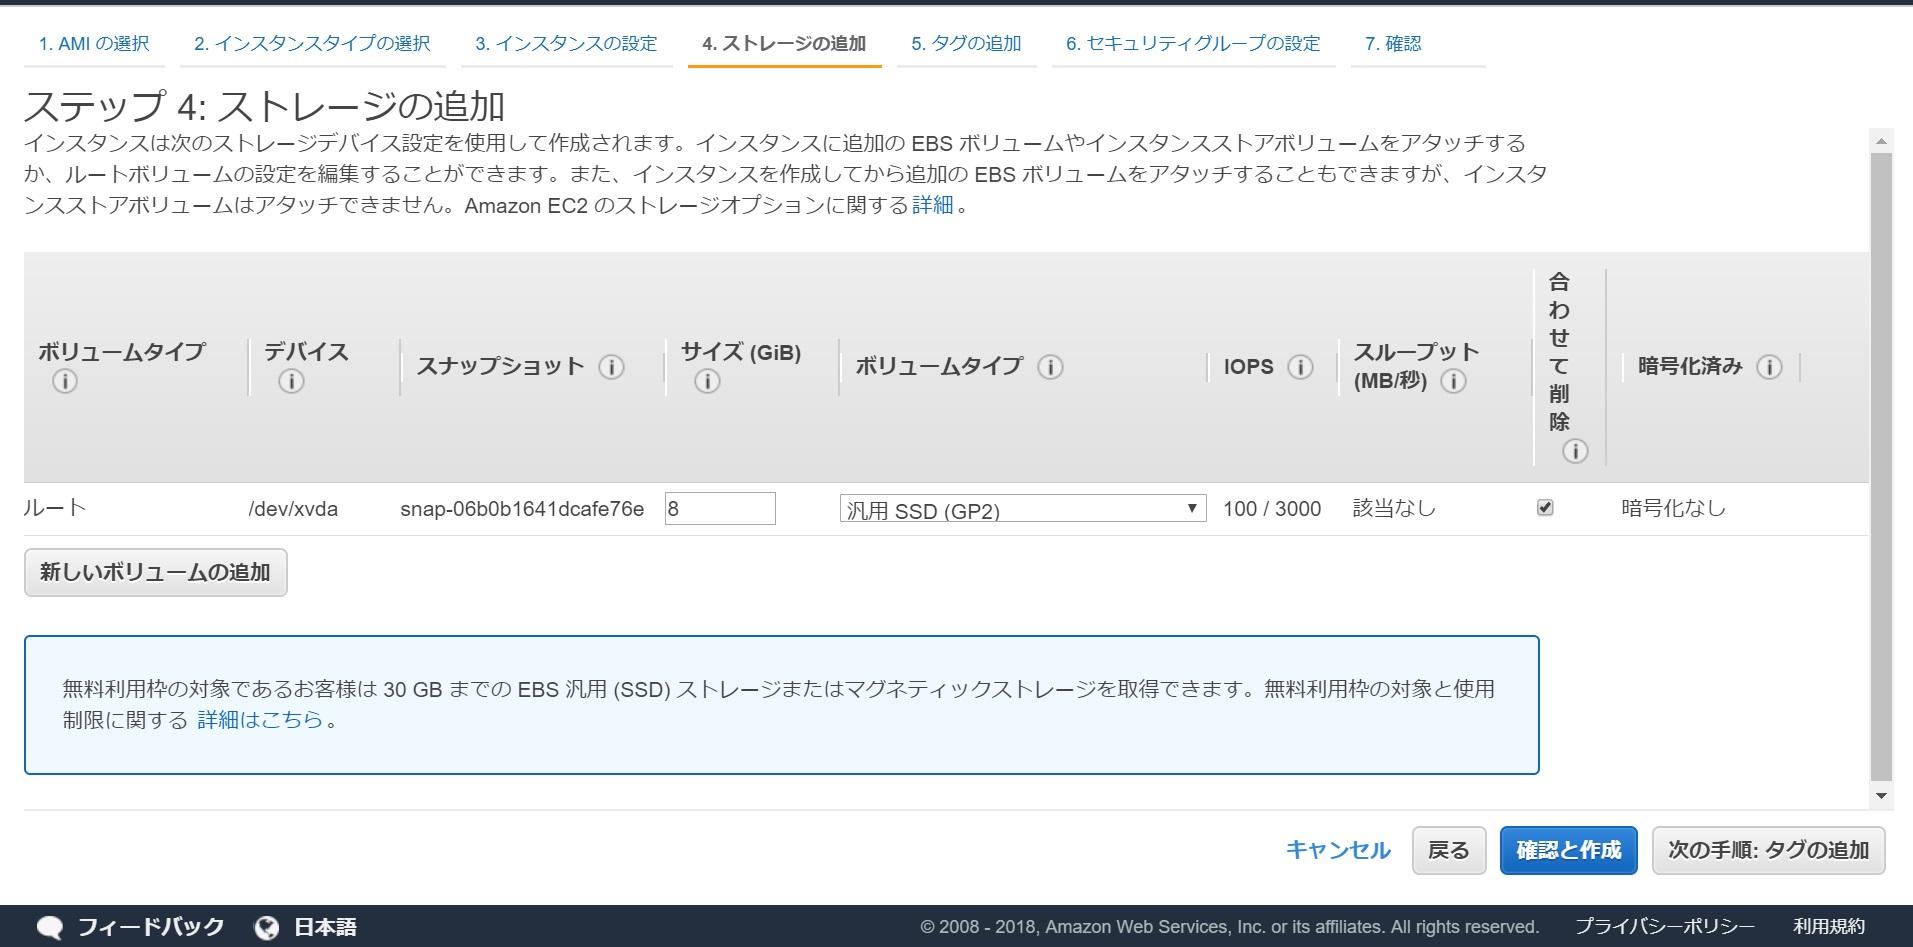 05_ストレージ.jpg